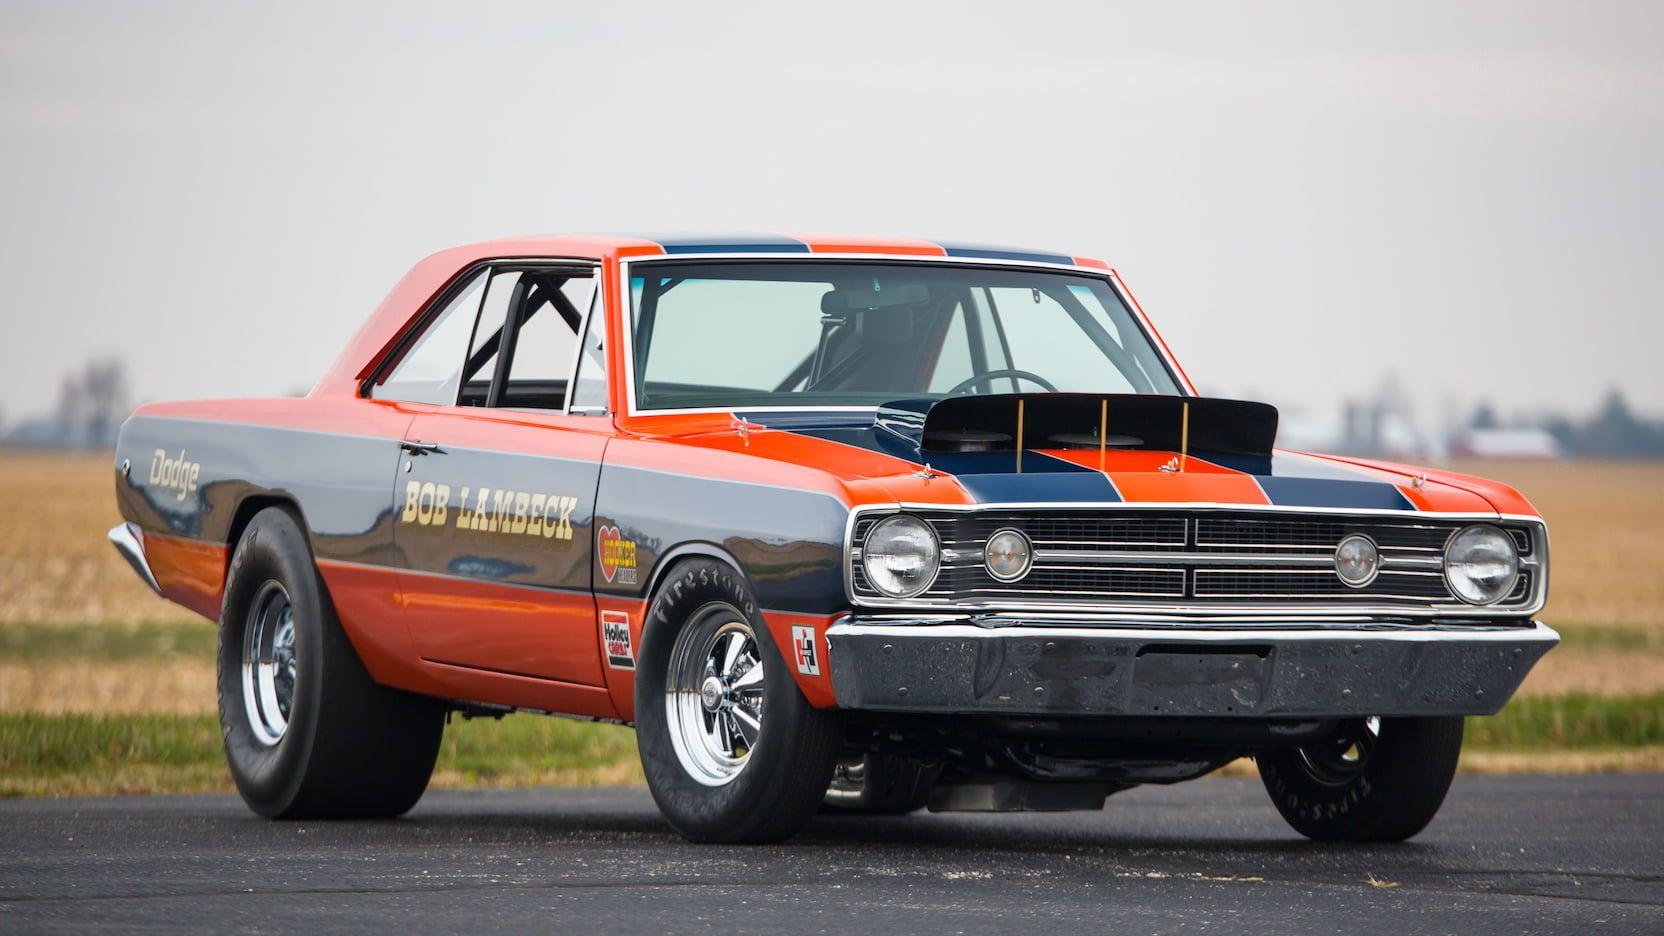 1968 Dodge Hemi Dart Super Stock presented as Lot S3.9 at